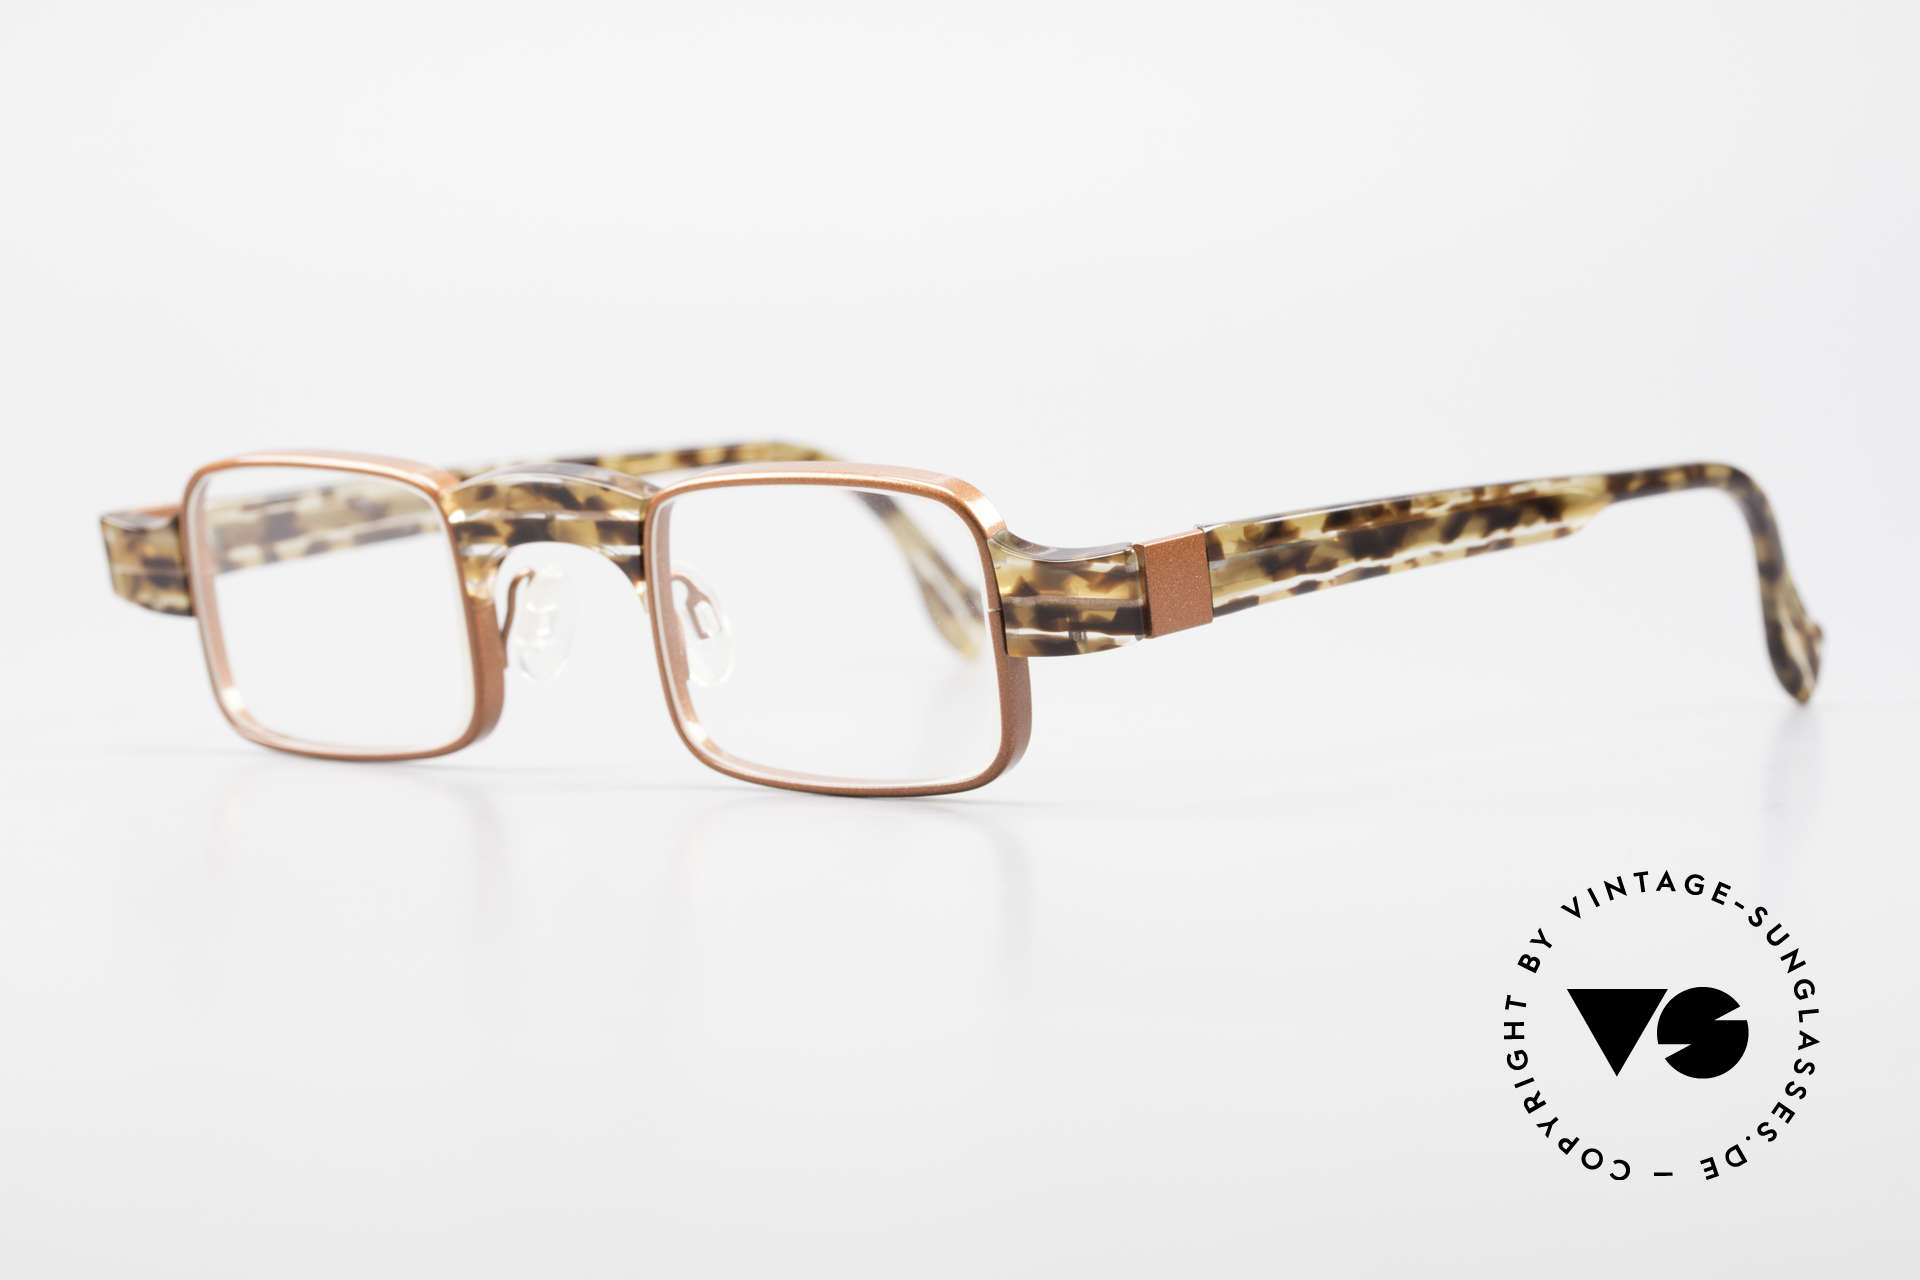 Theo Belgium Aphrodite Vintage Damen Designerbrille, dafür mit großartigem Rahmenmuster; ein Hingucker!, Passend für Damen